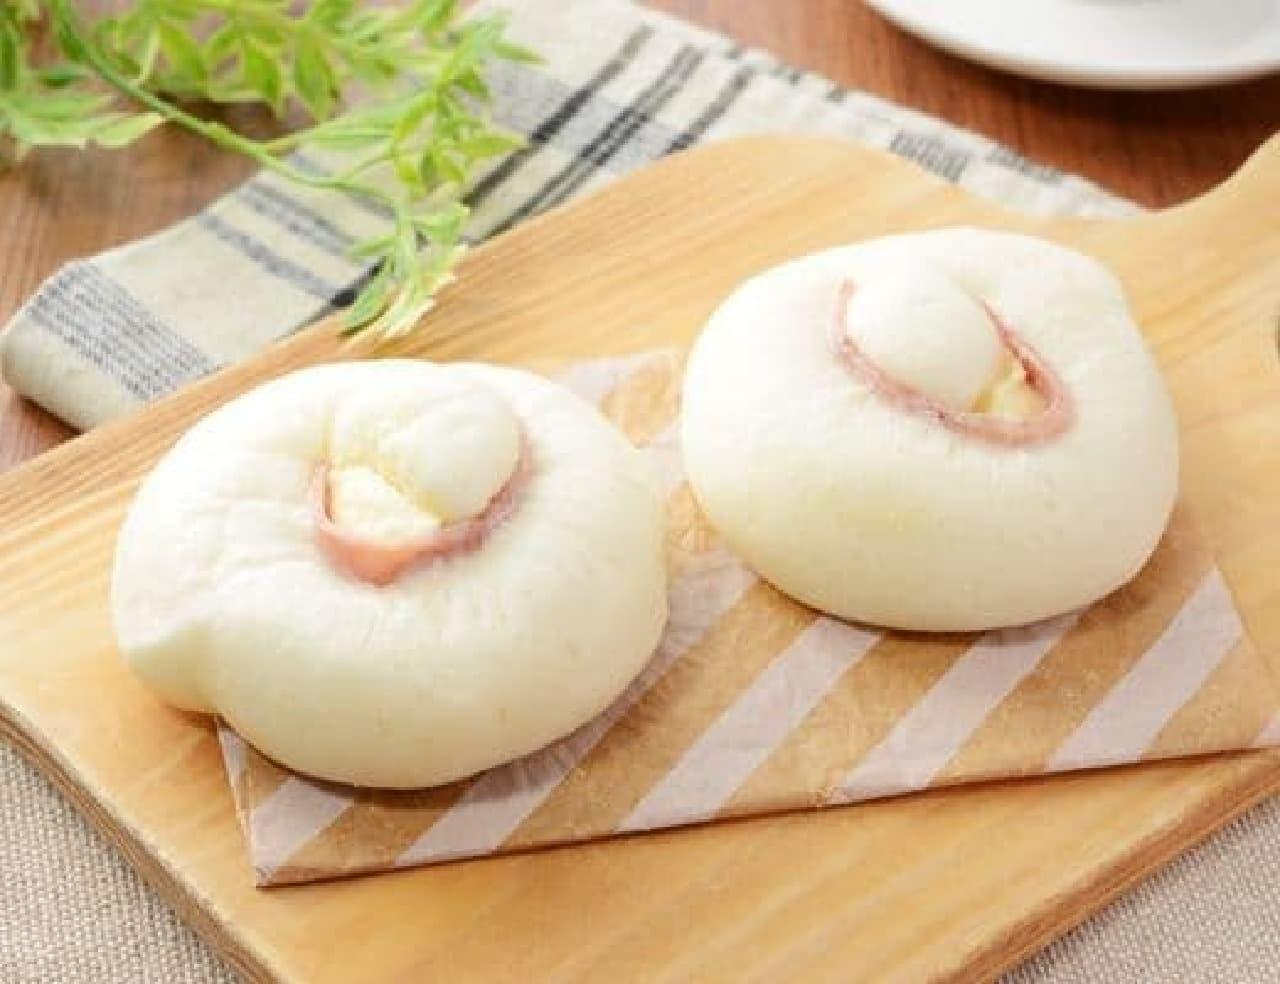 ローソン「NL 糖質オフのふっくらパン チーズとハム 2個入」